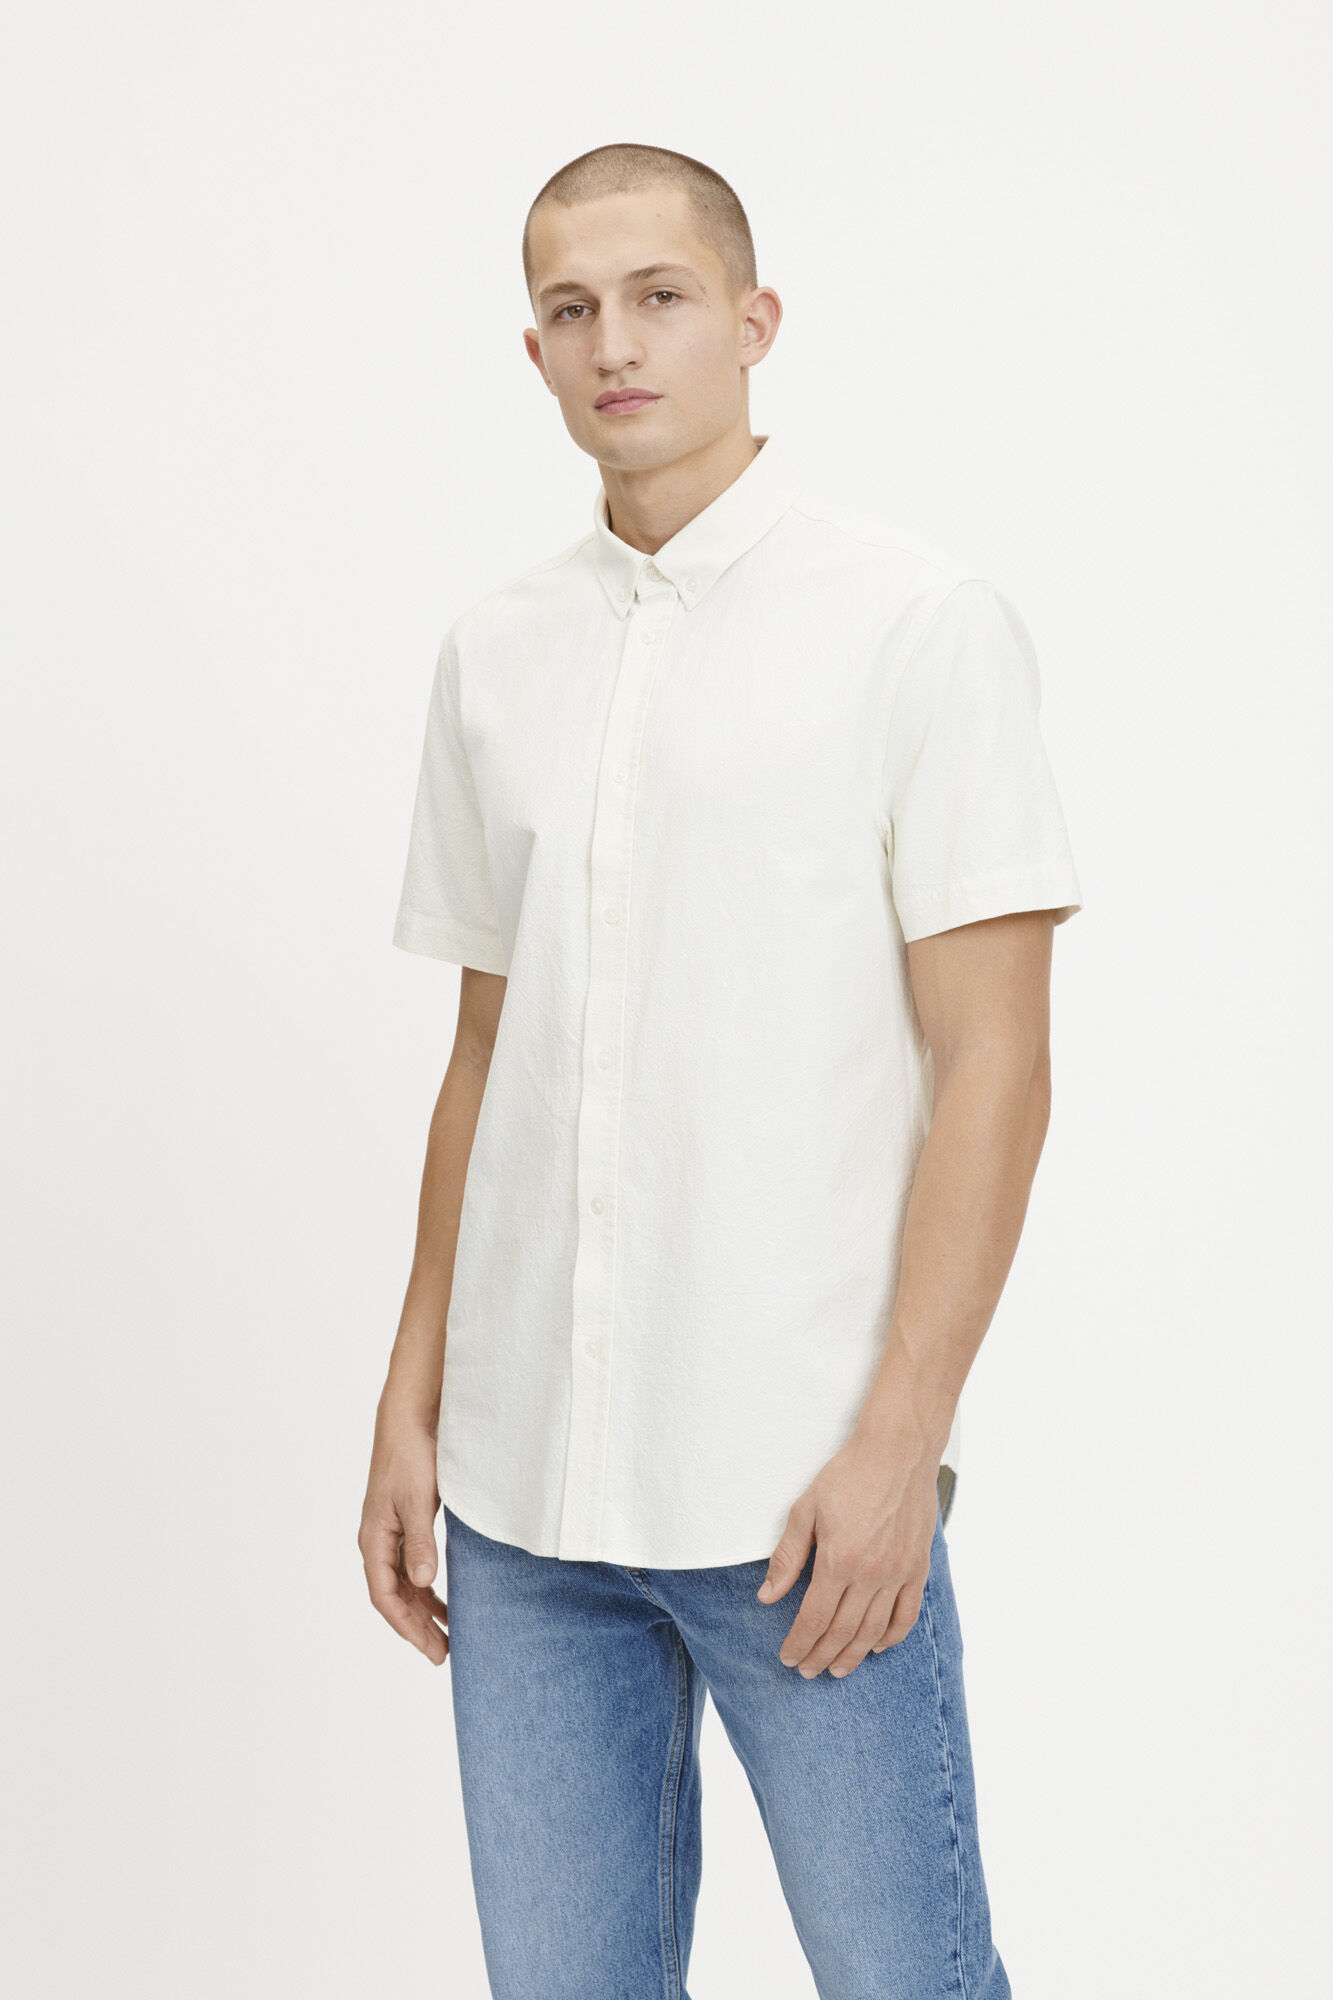 Vento BX shirt 10938